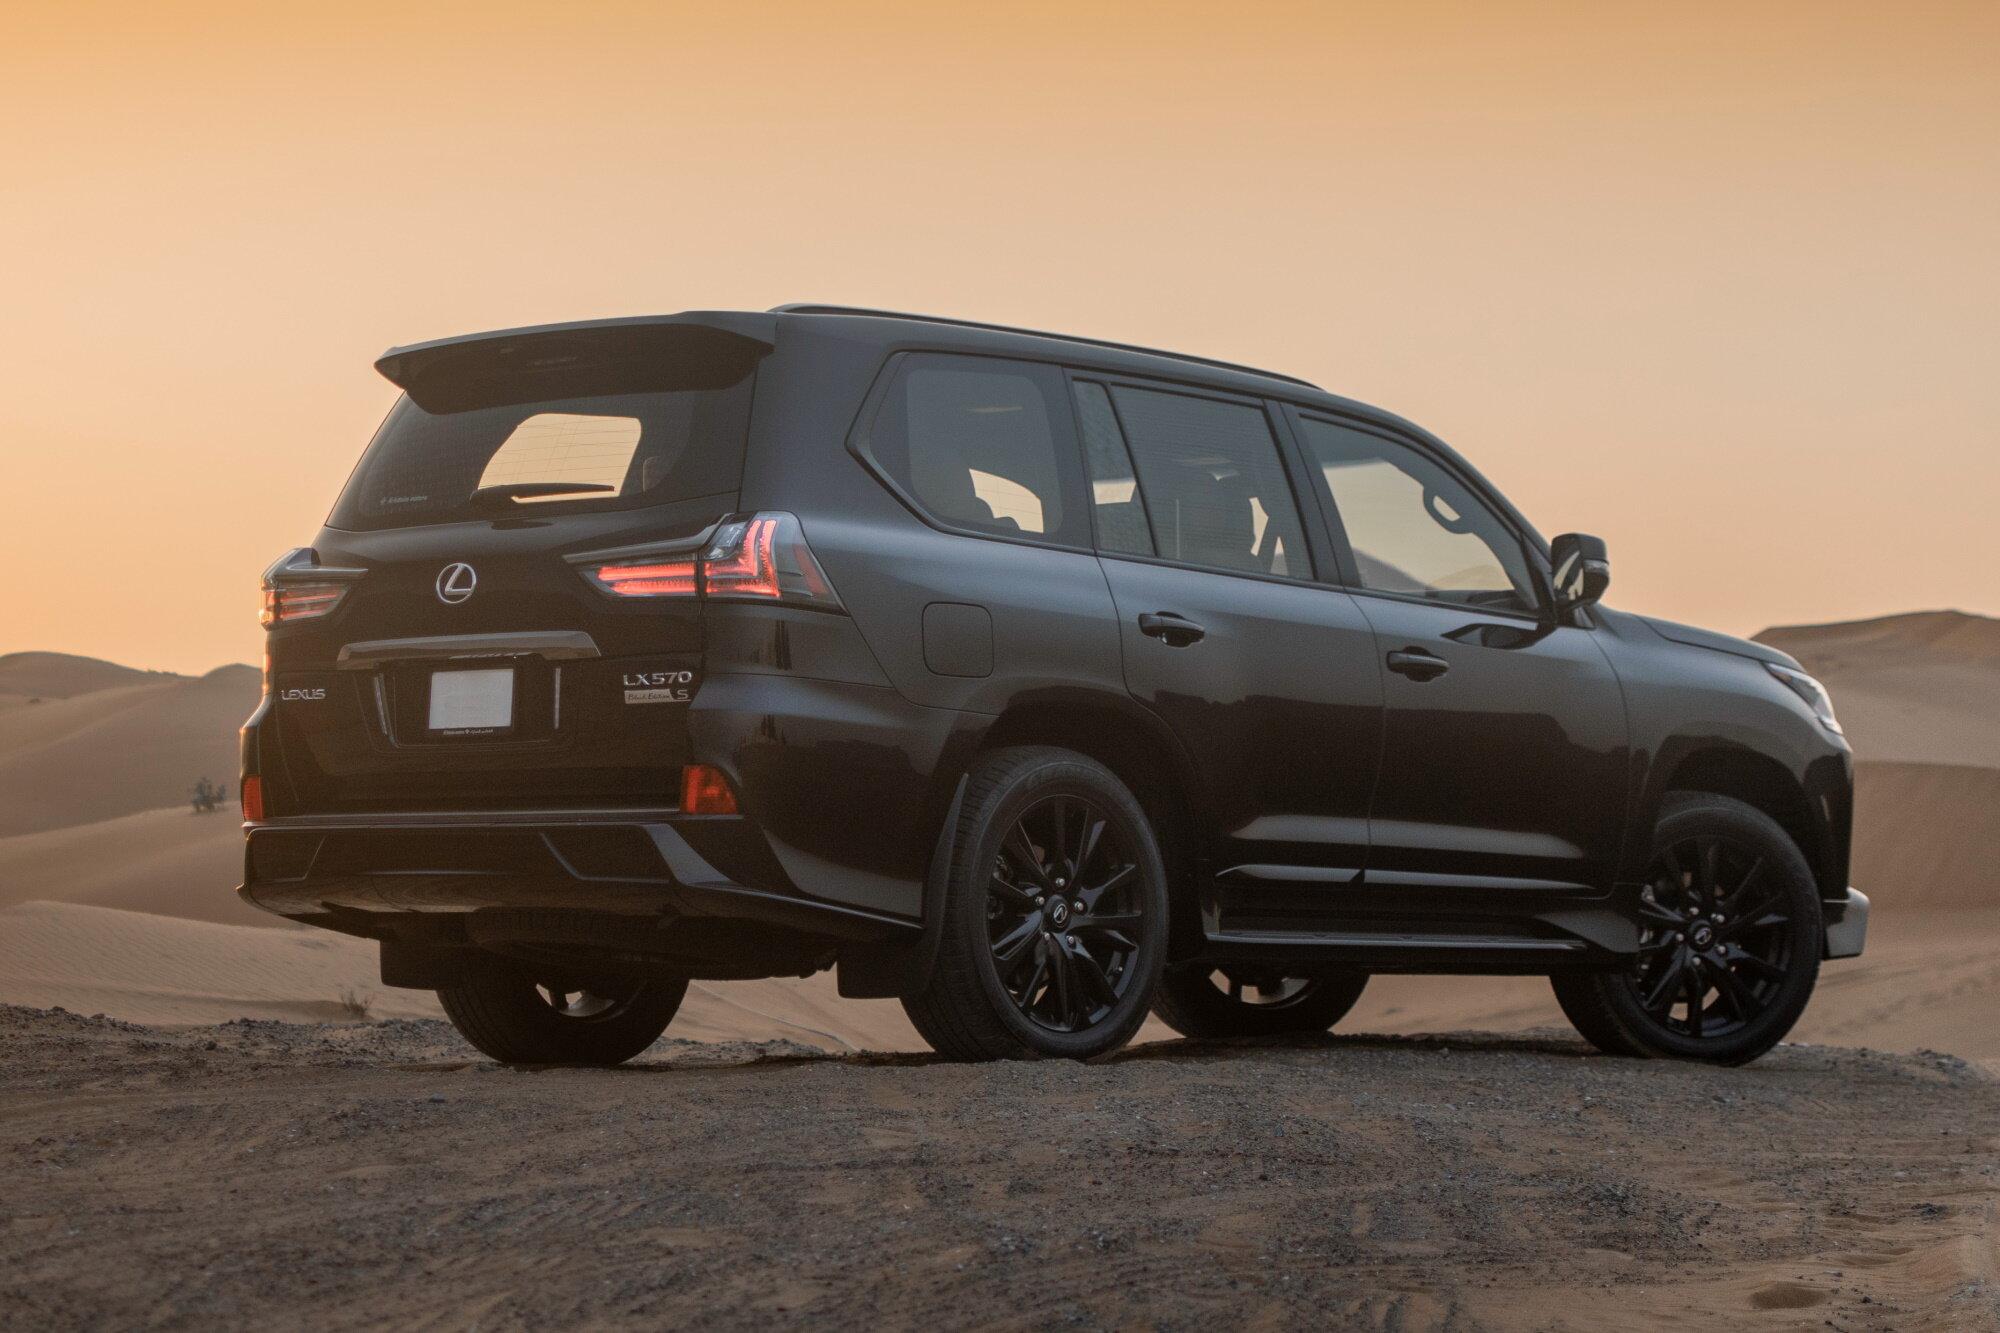 丰田将开发新款雷克萨斯SUV,等级高于LX,替代陆地巡洋舰